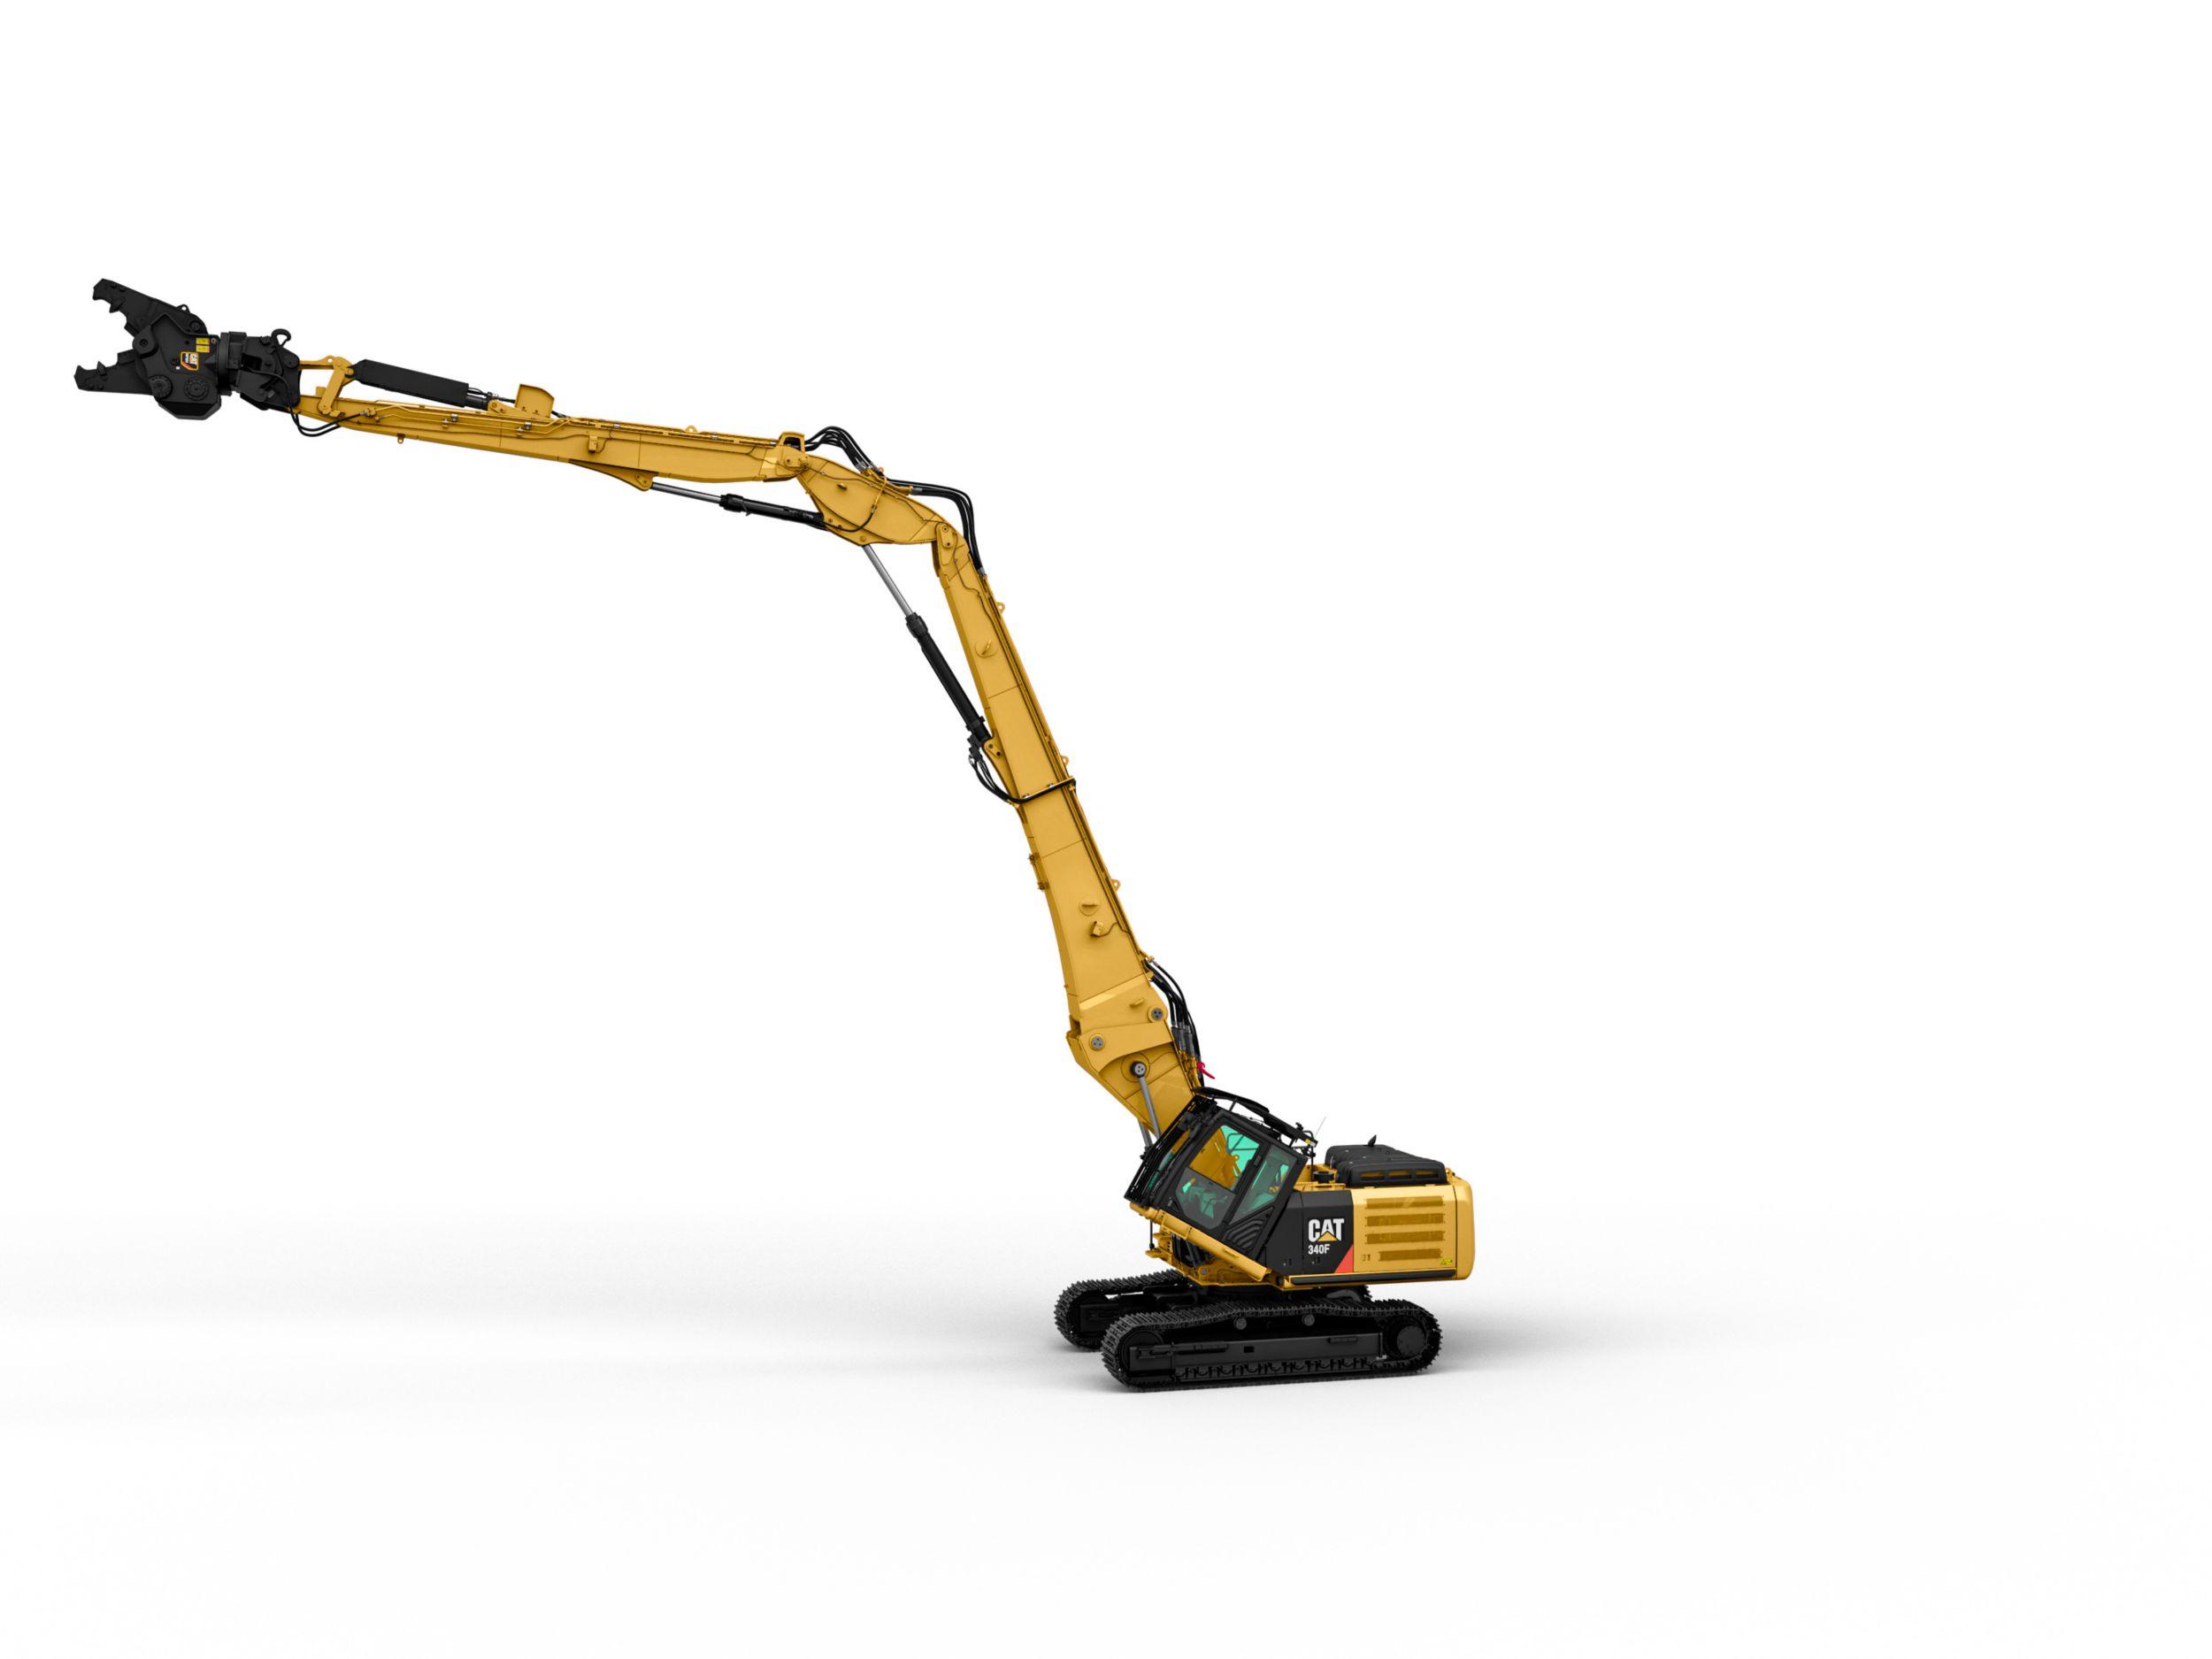 340F UHD Ultra High Demolition Hydraulic Excavator